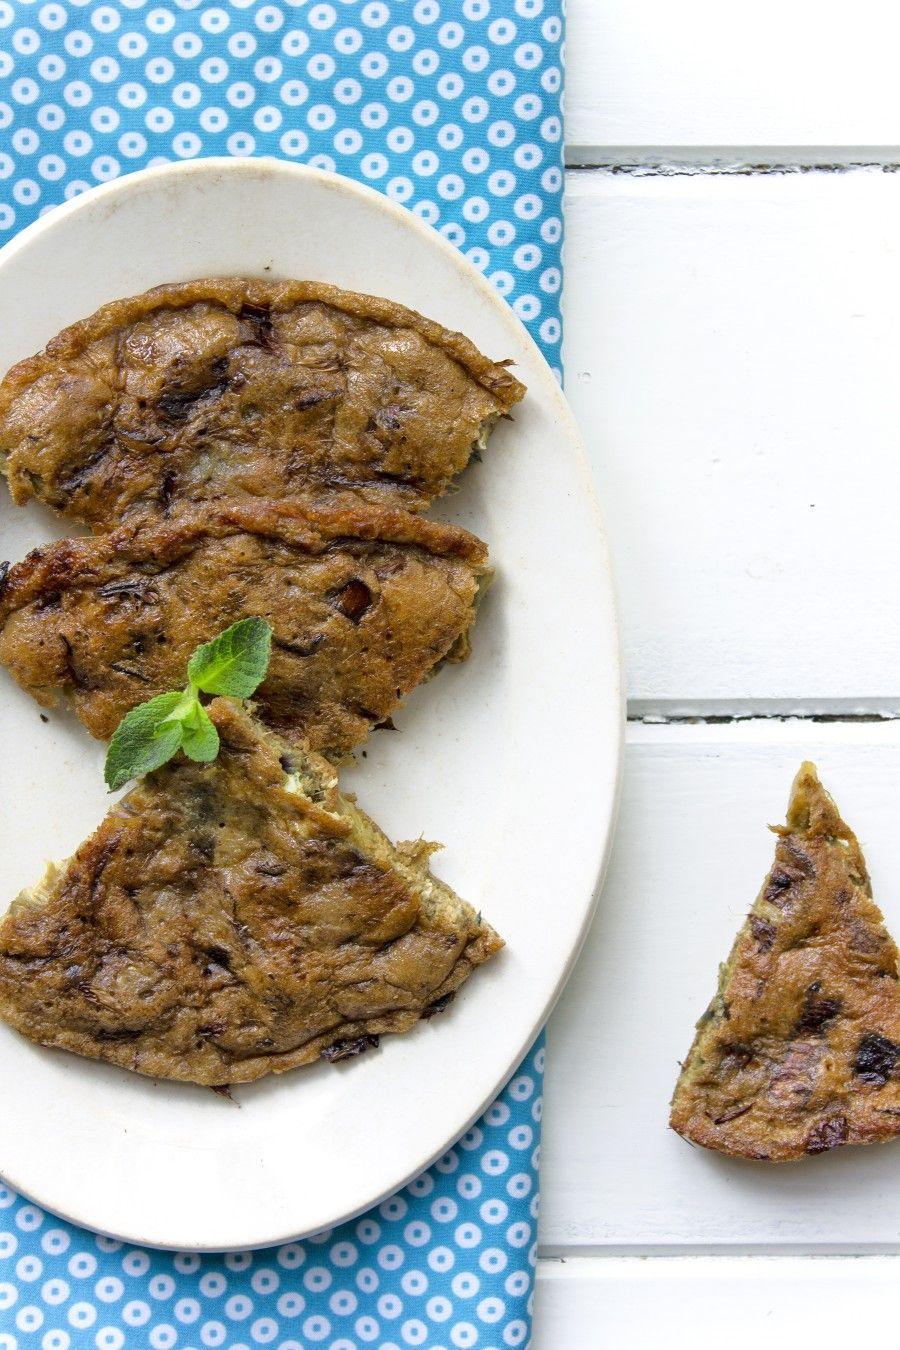 Carciofi al microonde: 3 ricette pronte in 10 minuti | Bigodino